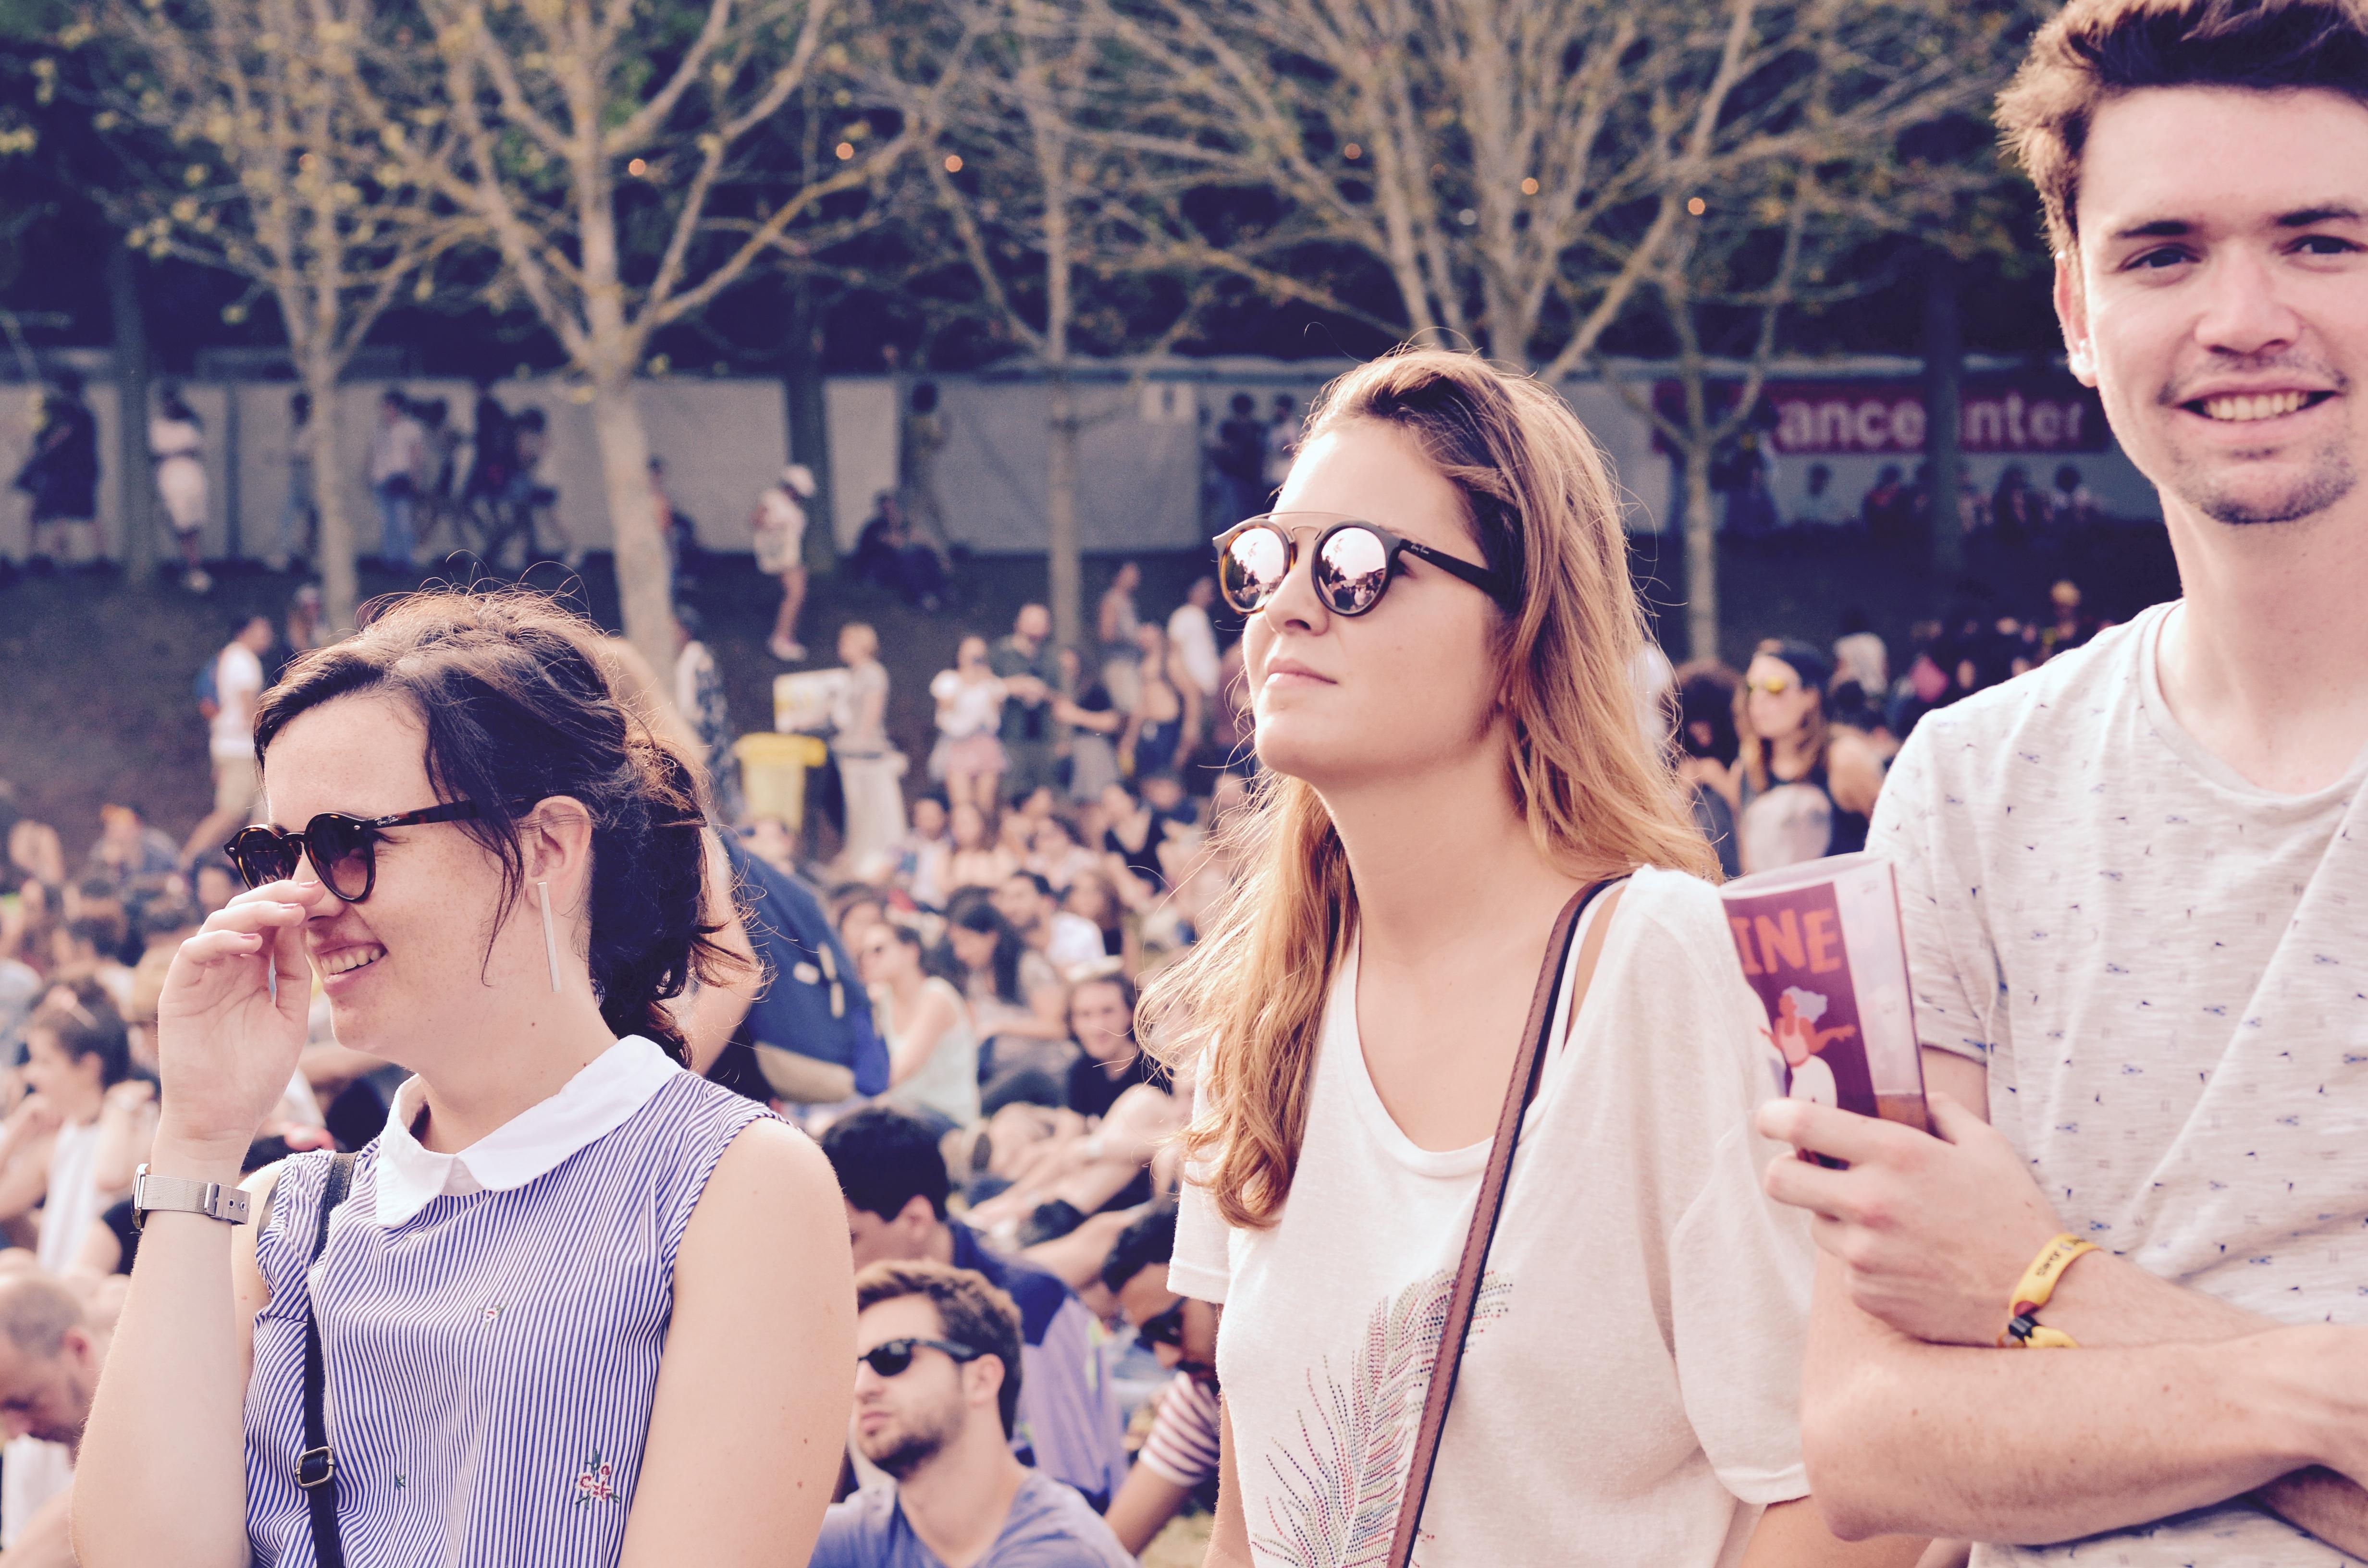 Festivaliers Rock en Seine 2017 nice glasses